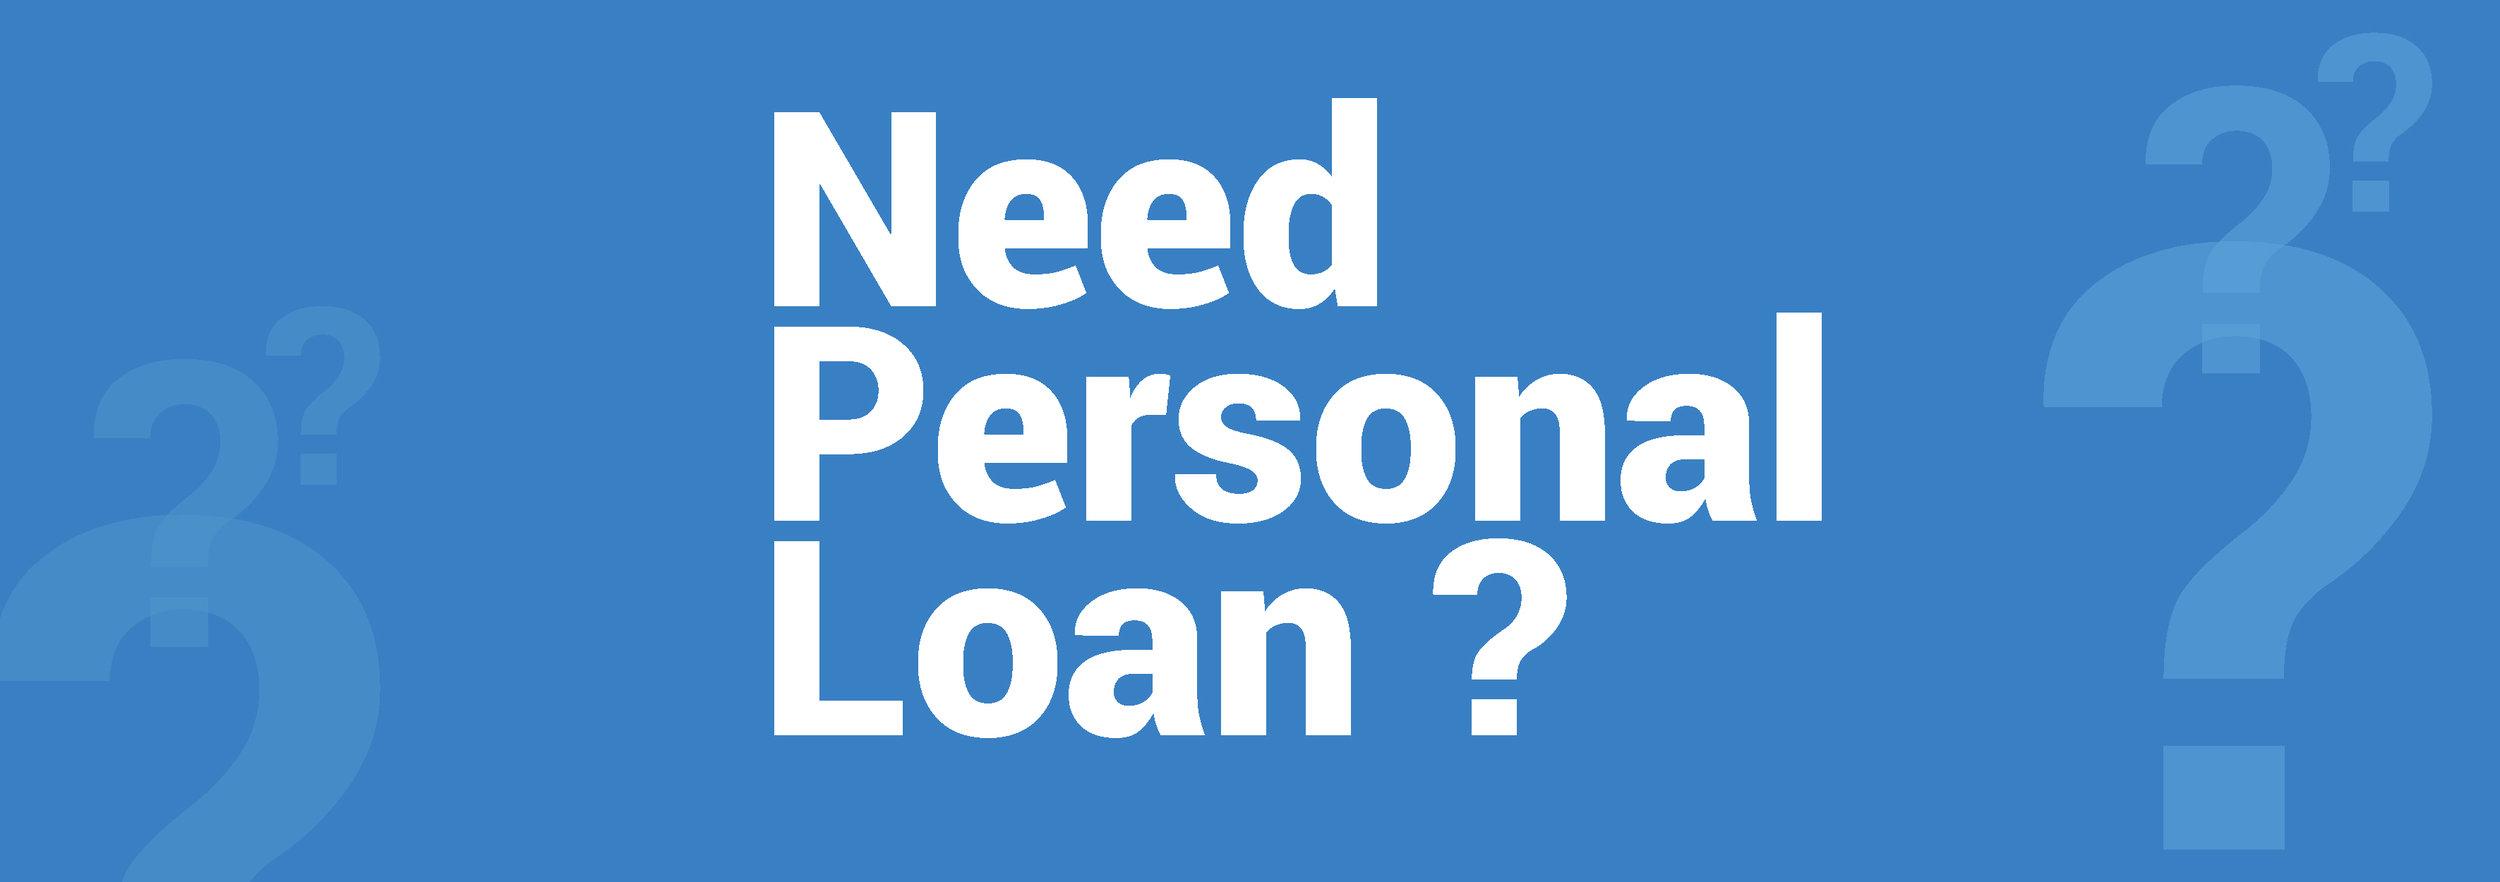 Need-Personal-Loan-Dealsofloan-vory.co.jpg